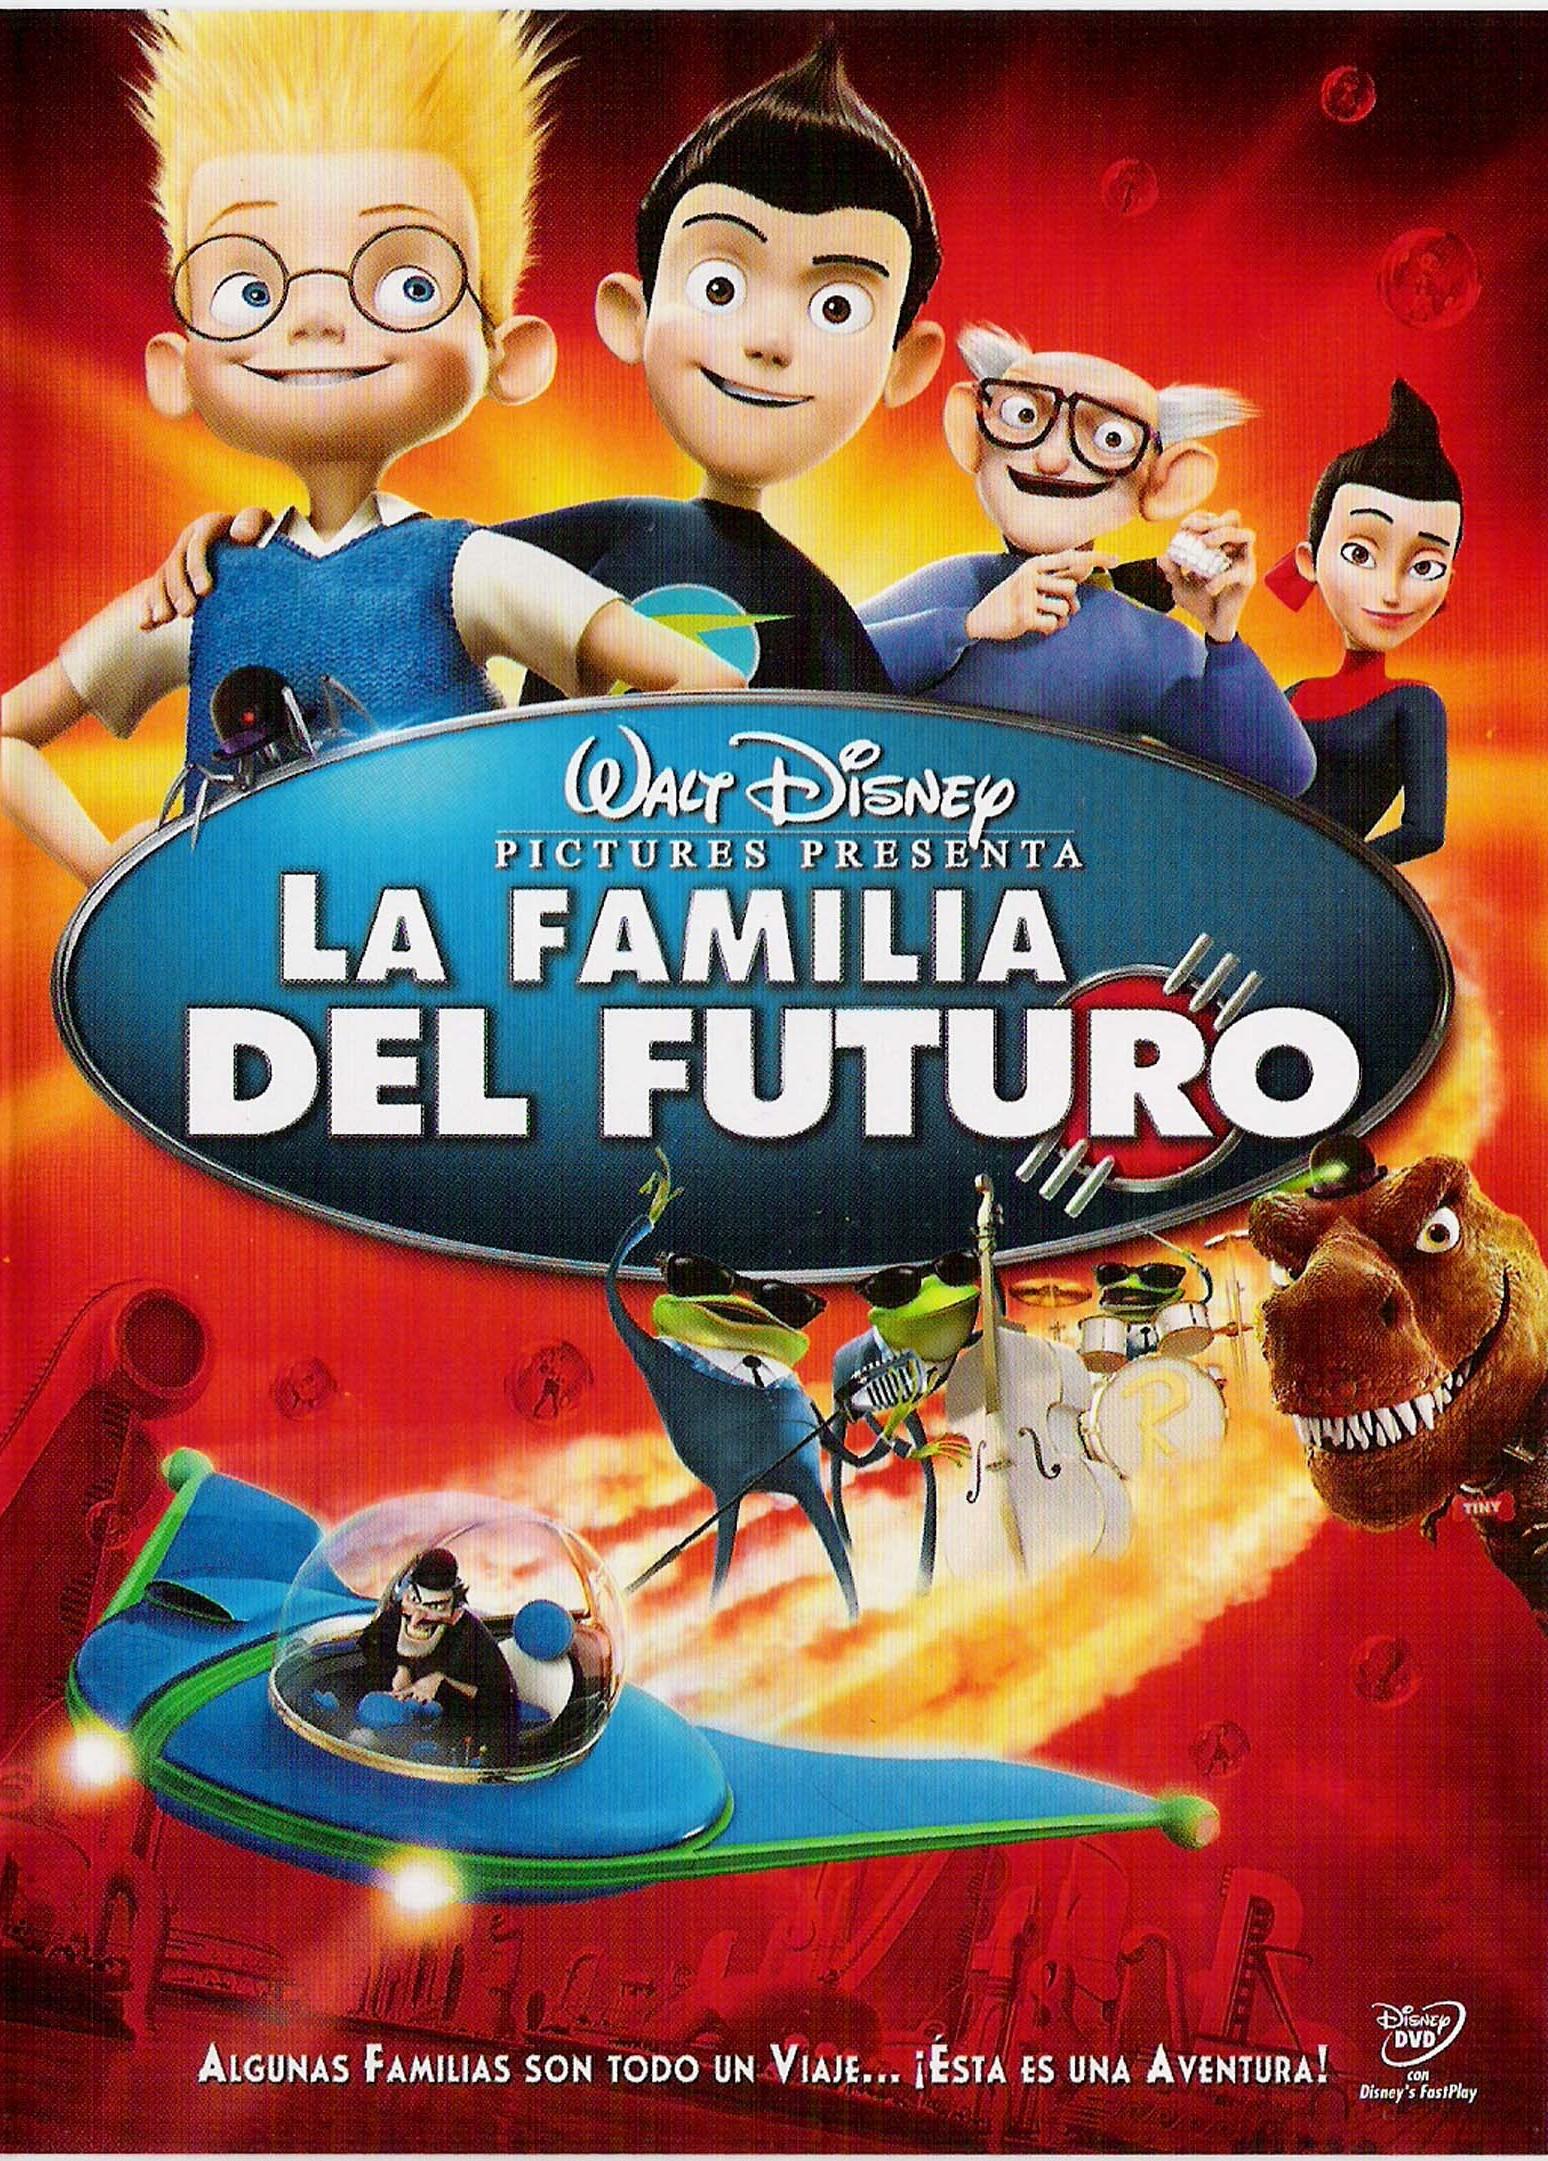 La familia del futuro | Doblaje Wiki | FANDOM powered by Wikia